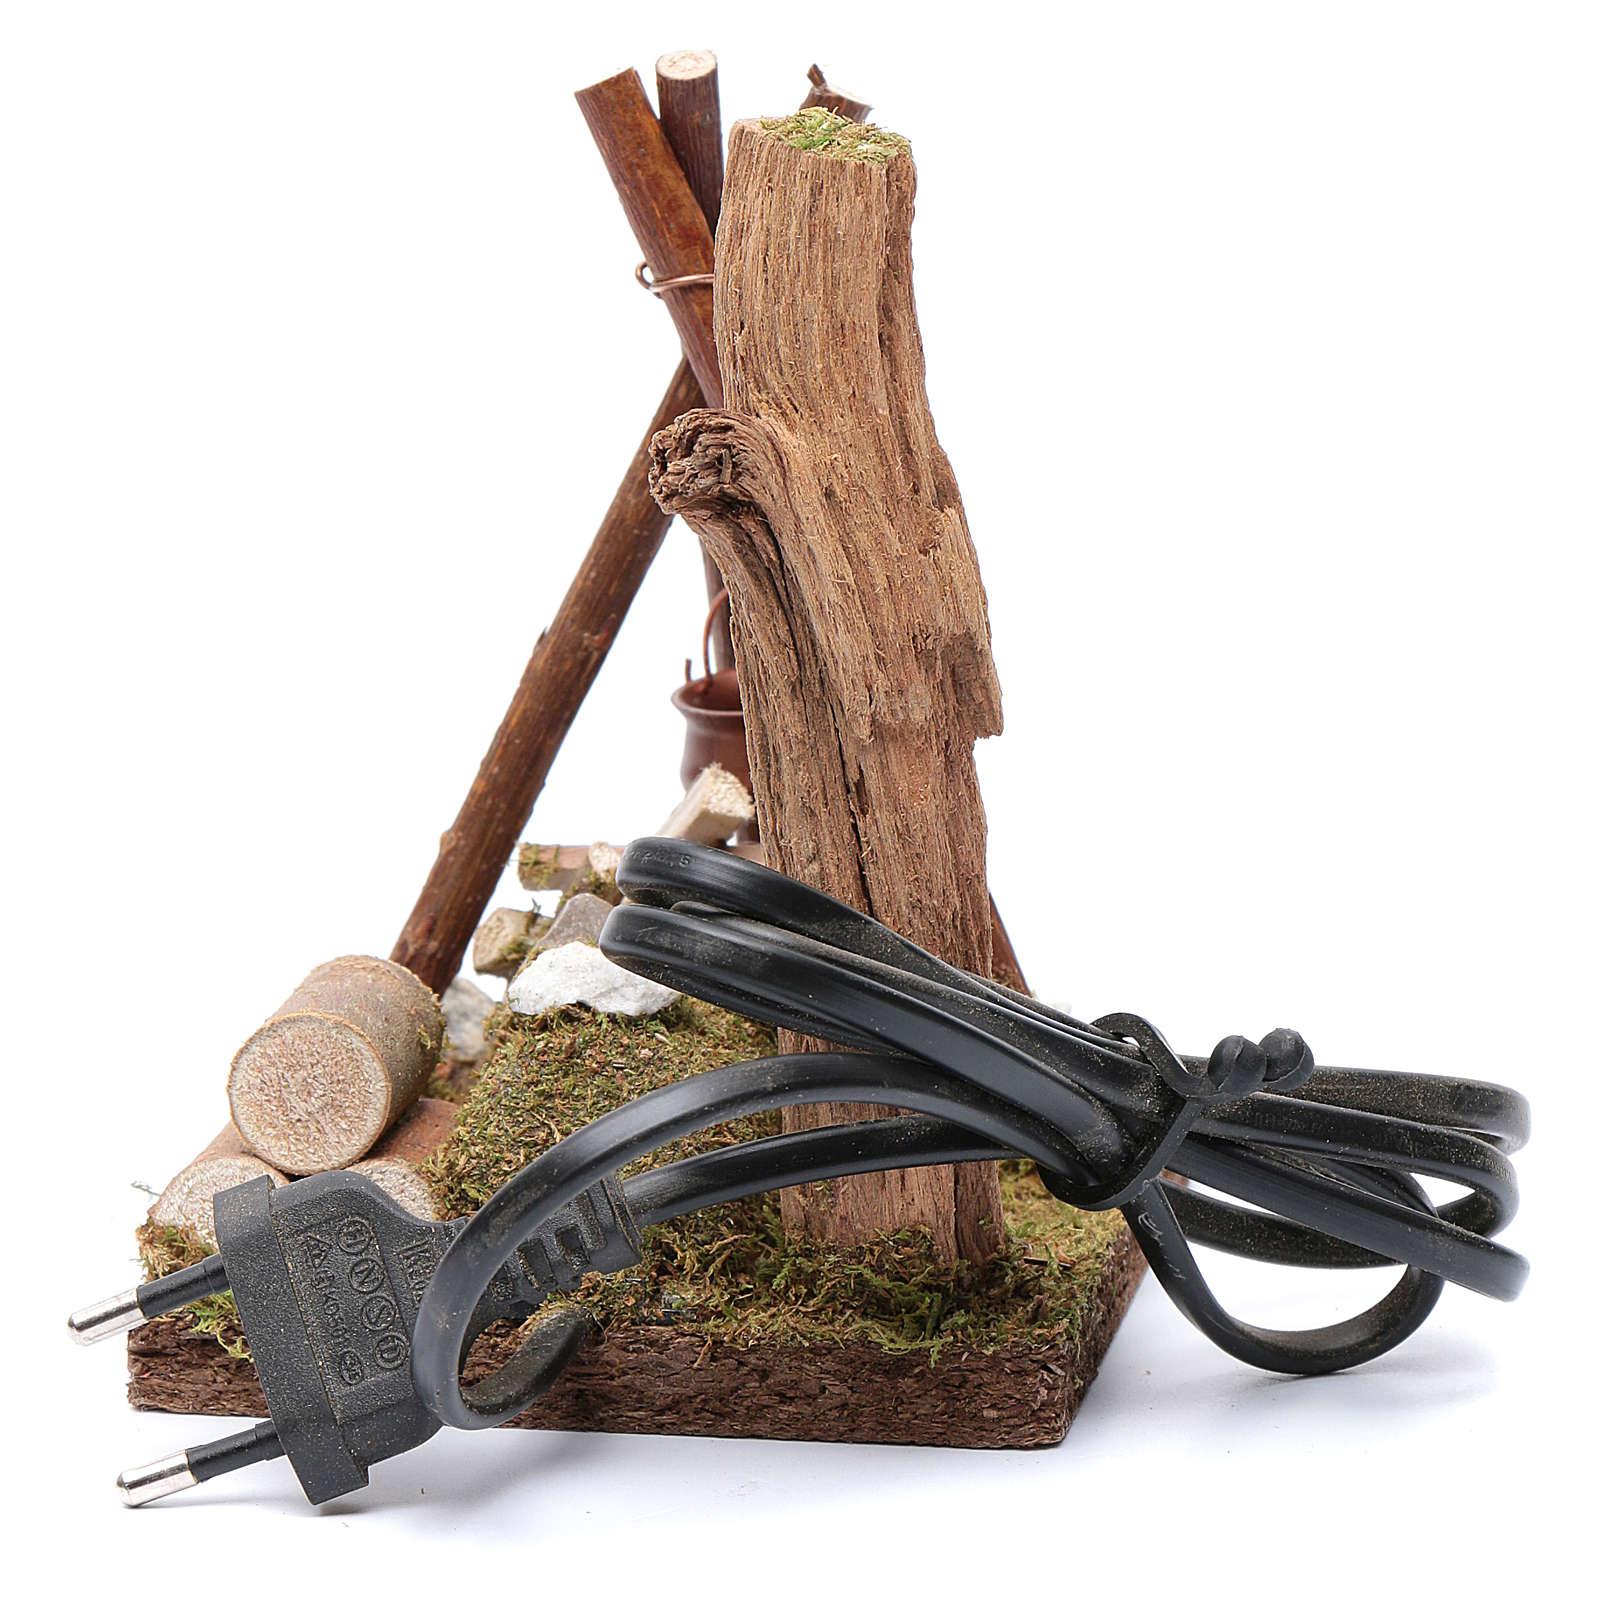 Pentola e legna disposte per bivacco 230 V 4